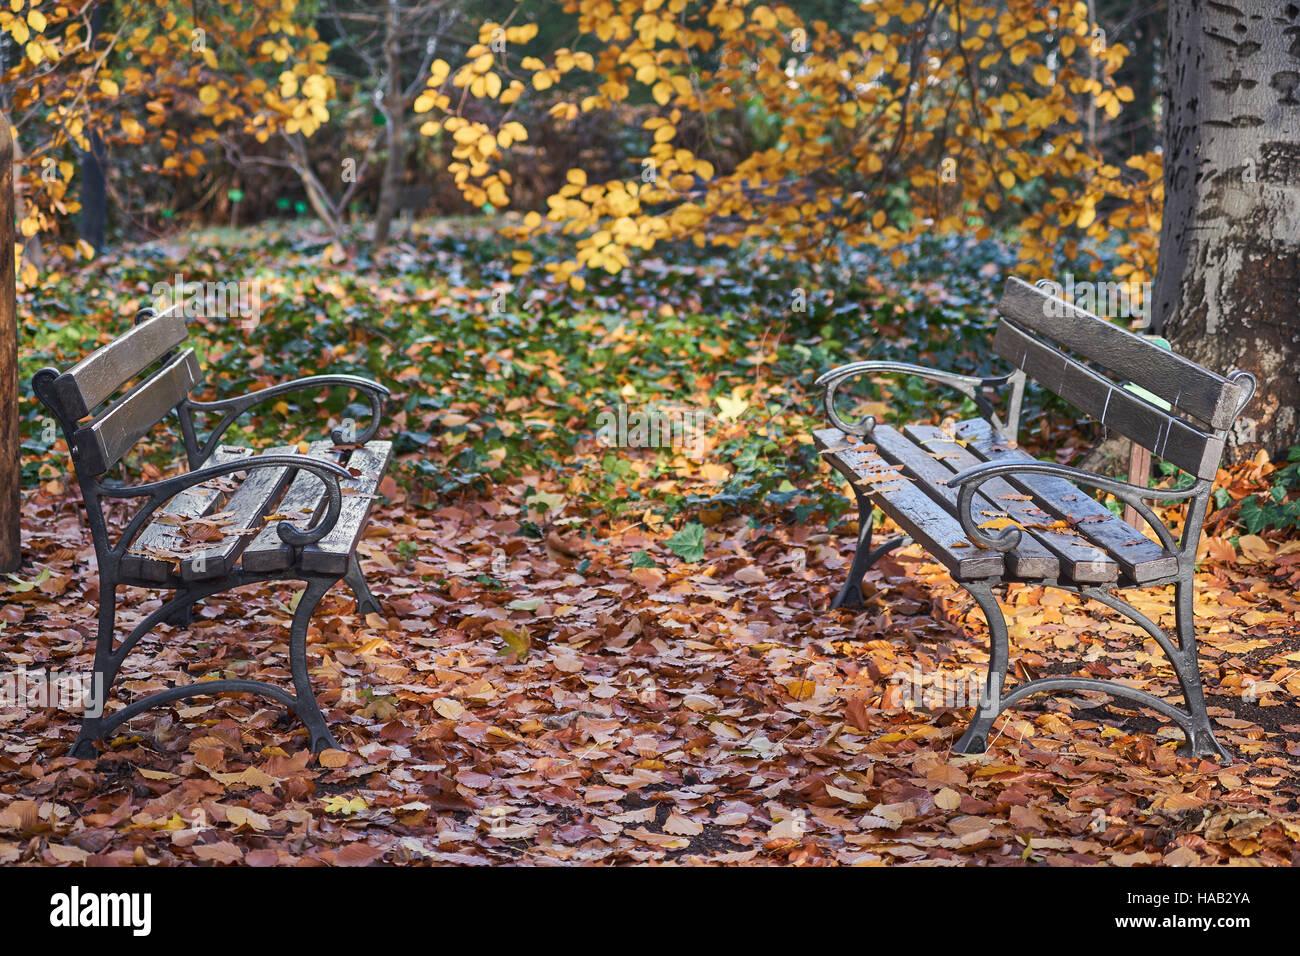 Banchi vuoti tra caduto foglie di autunno nostalgia Immagini Stock